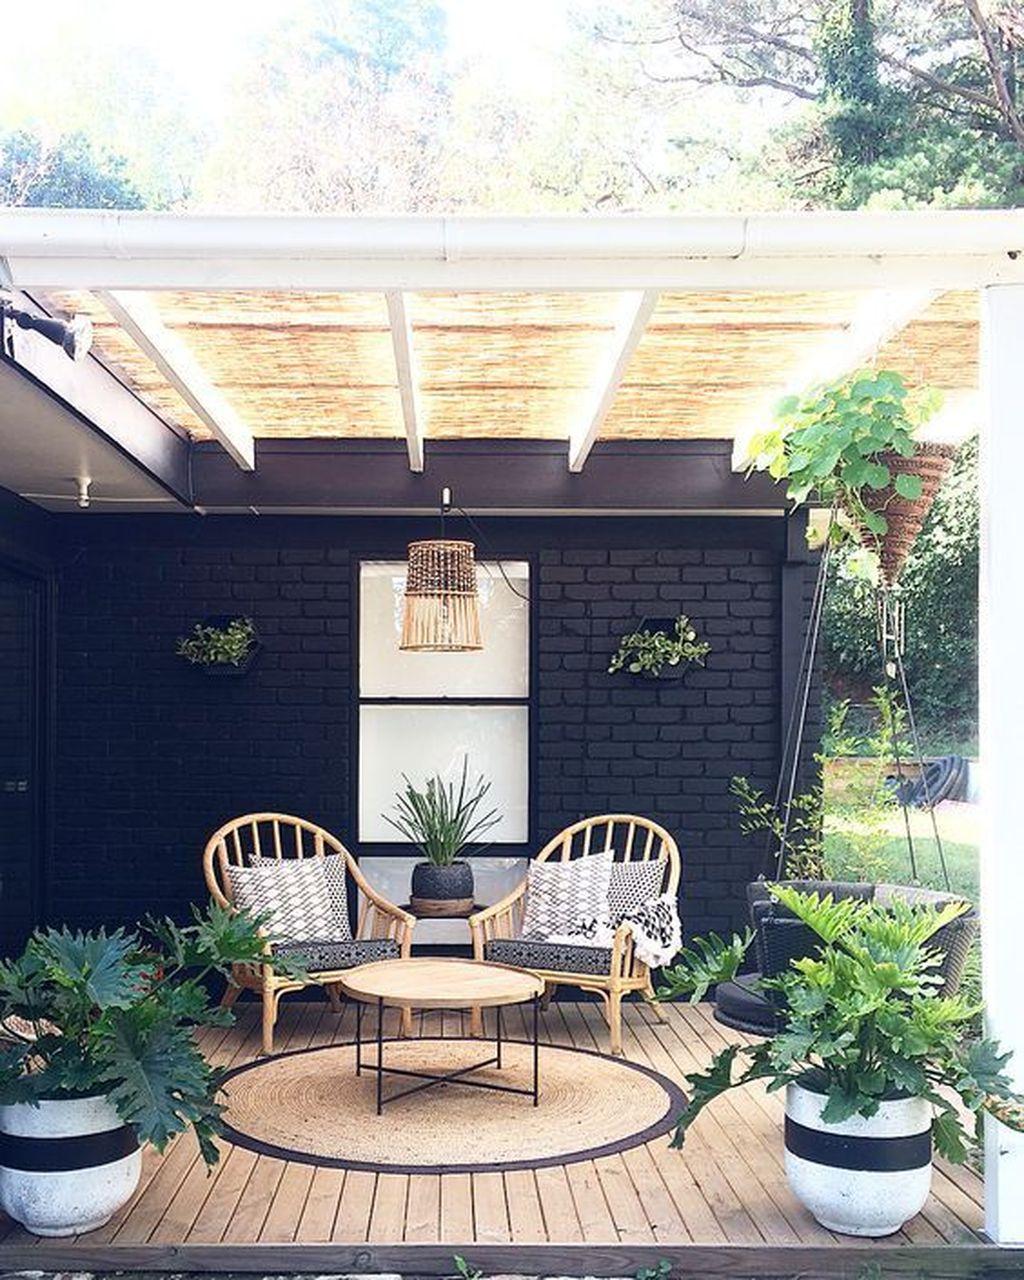 Popular Spring Outdoor Decor Ideas 22